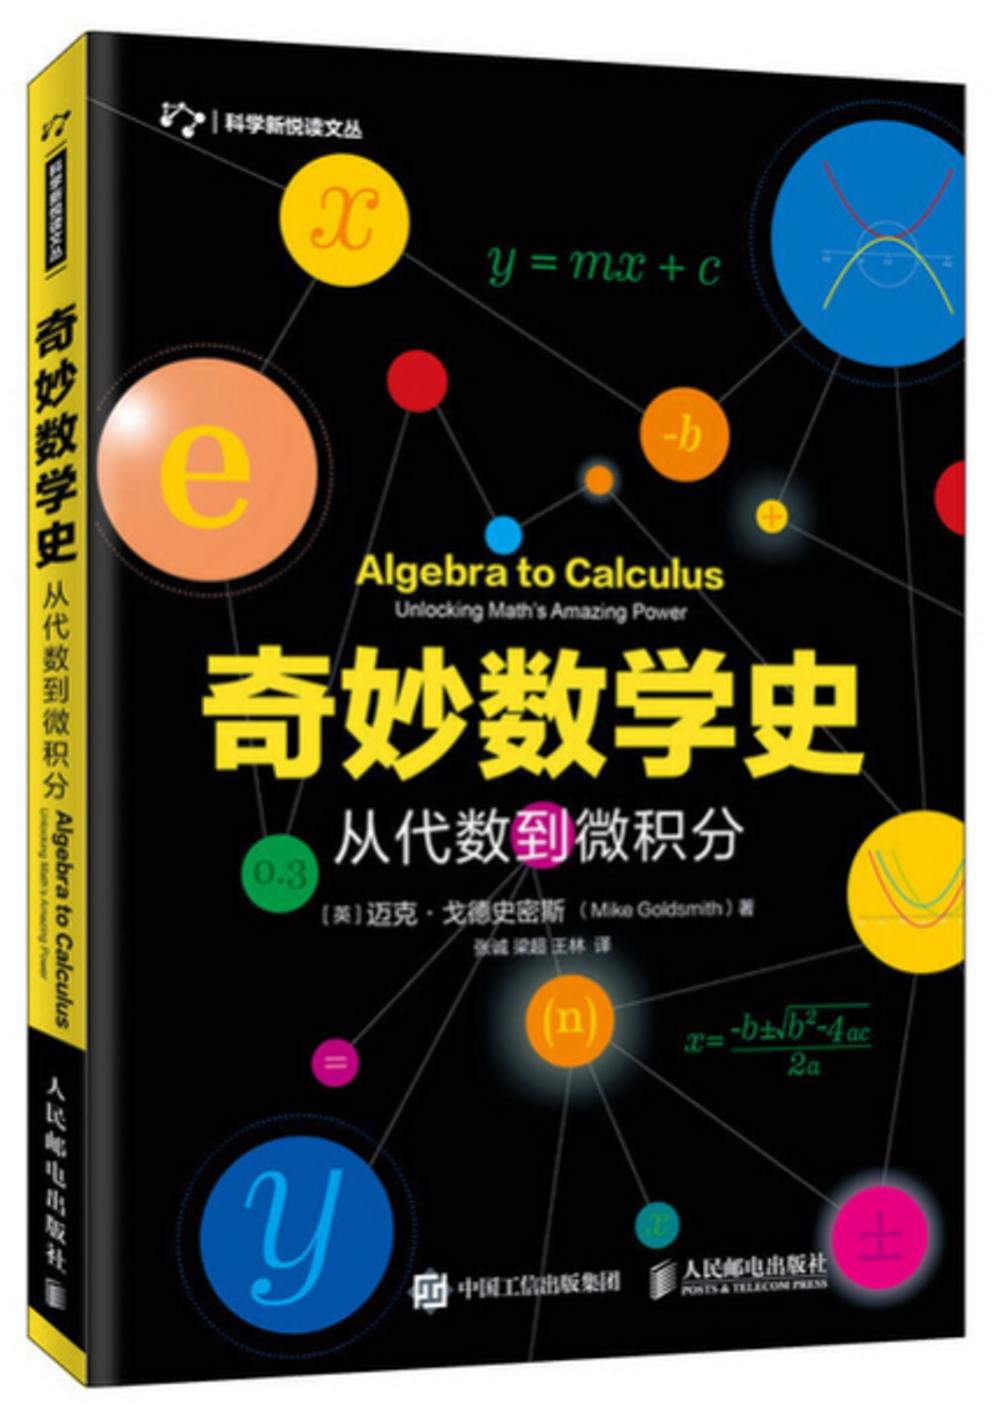 奇妙數學史:從代數到微積分